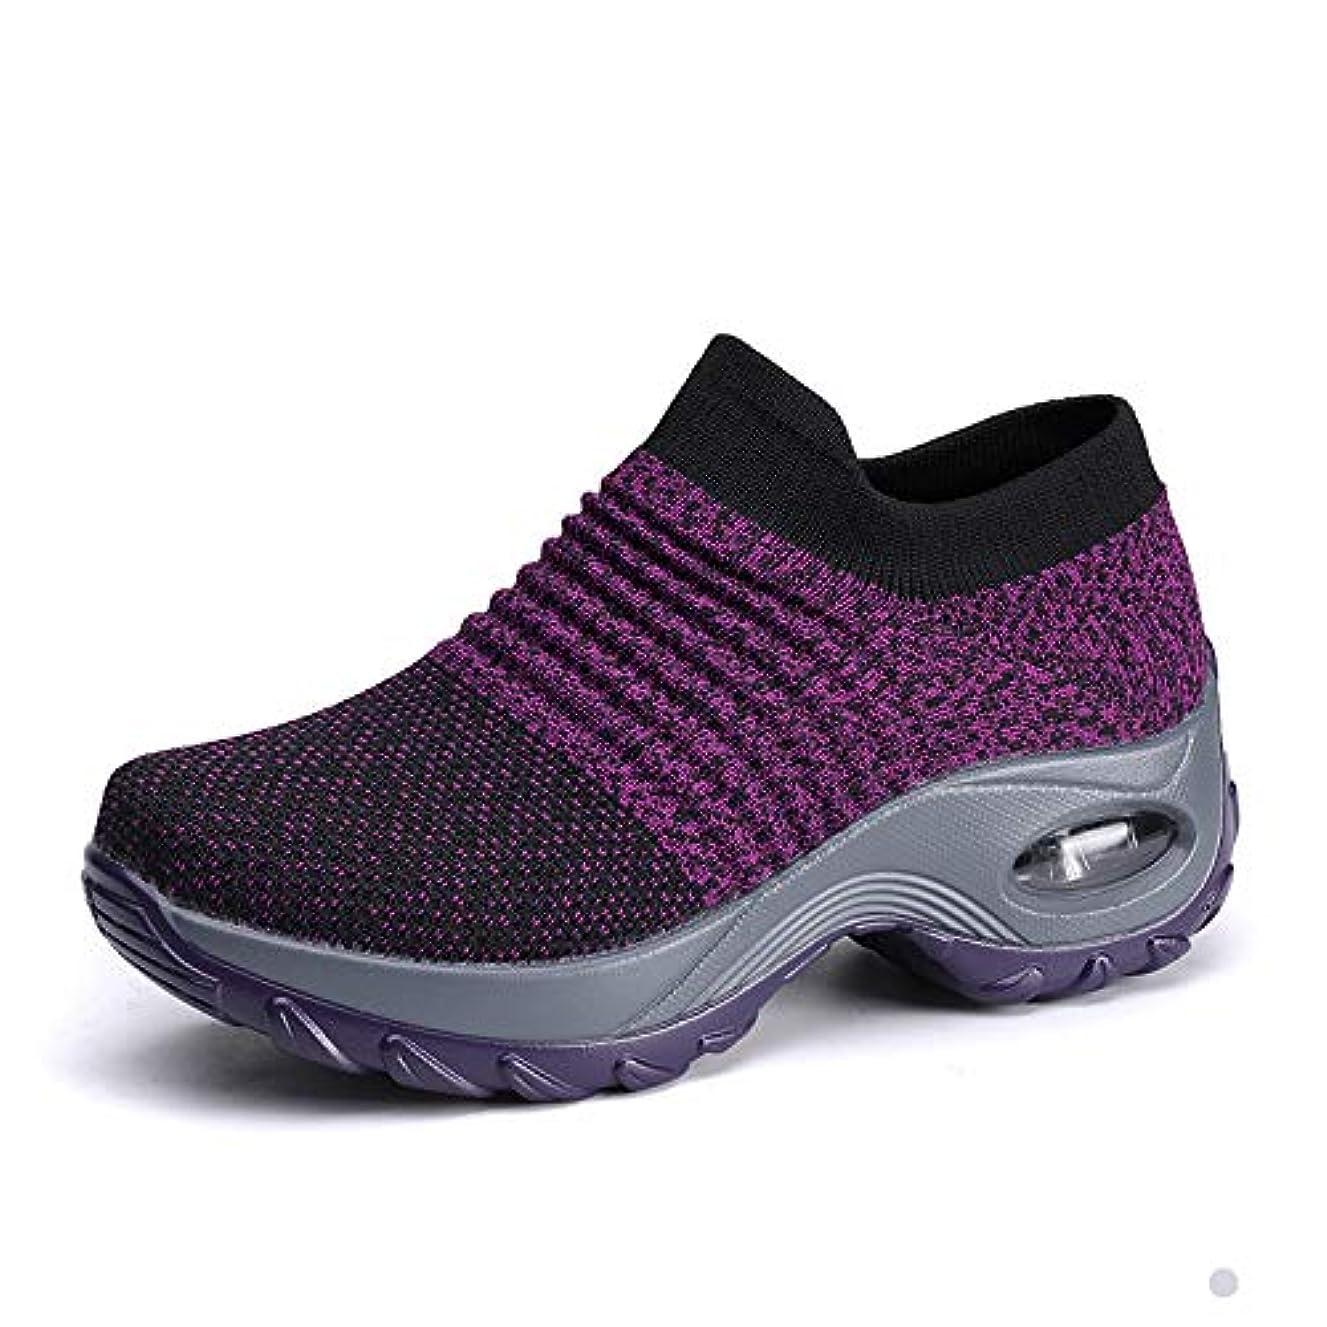 運動靴 スニーカー レディース 女性 ランニングシューズ ウォーキングシューズ 超軽量 歩きやすい 通勤 通学